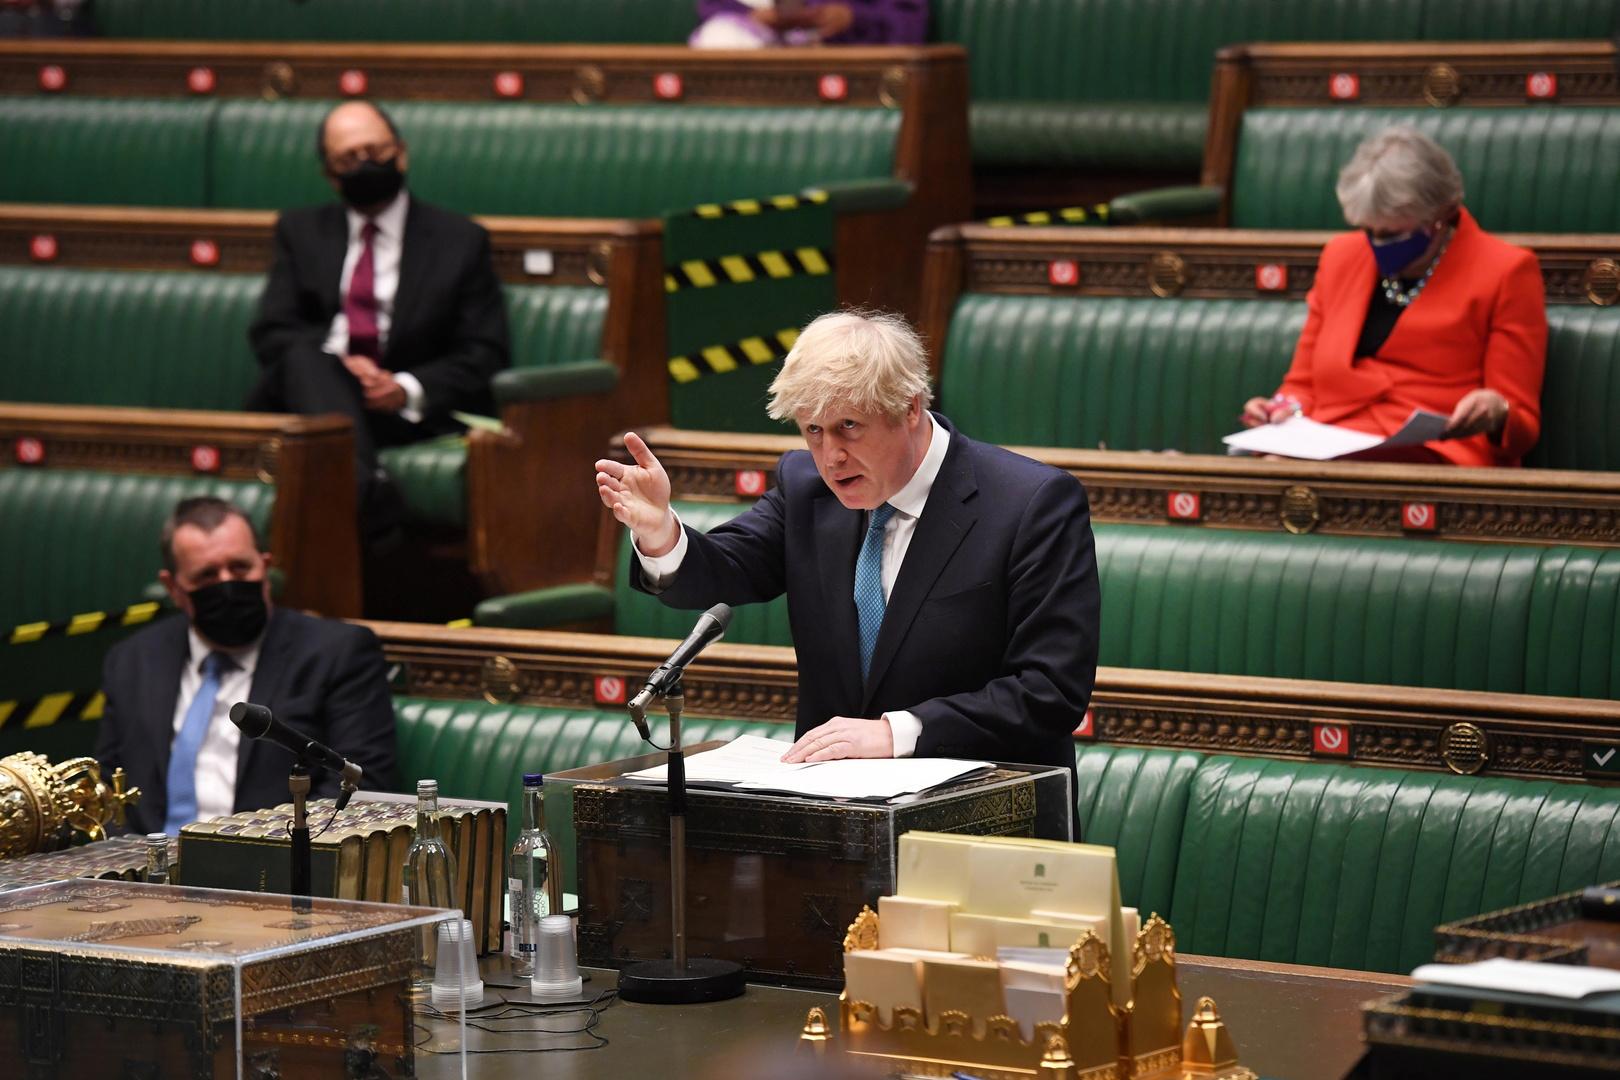 بريطانيا تدرج دخول أراضيها بلا تأشيرة في خانة الجرائم الجنائية